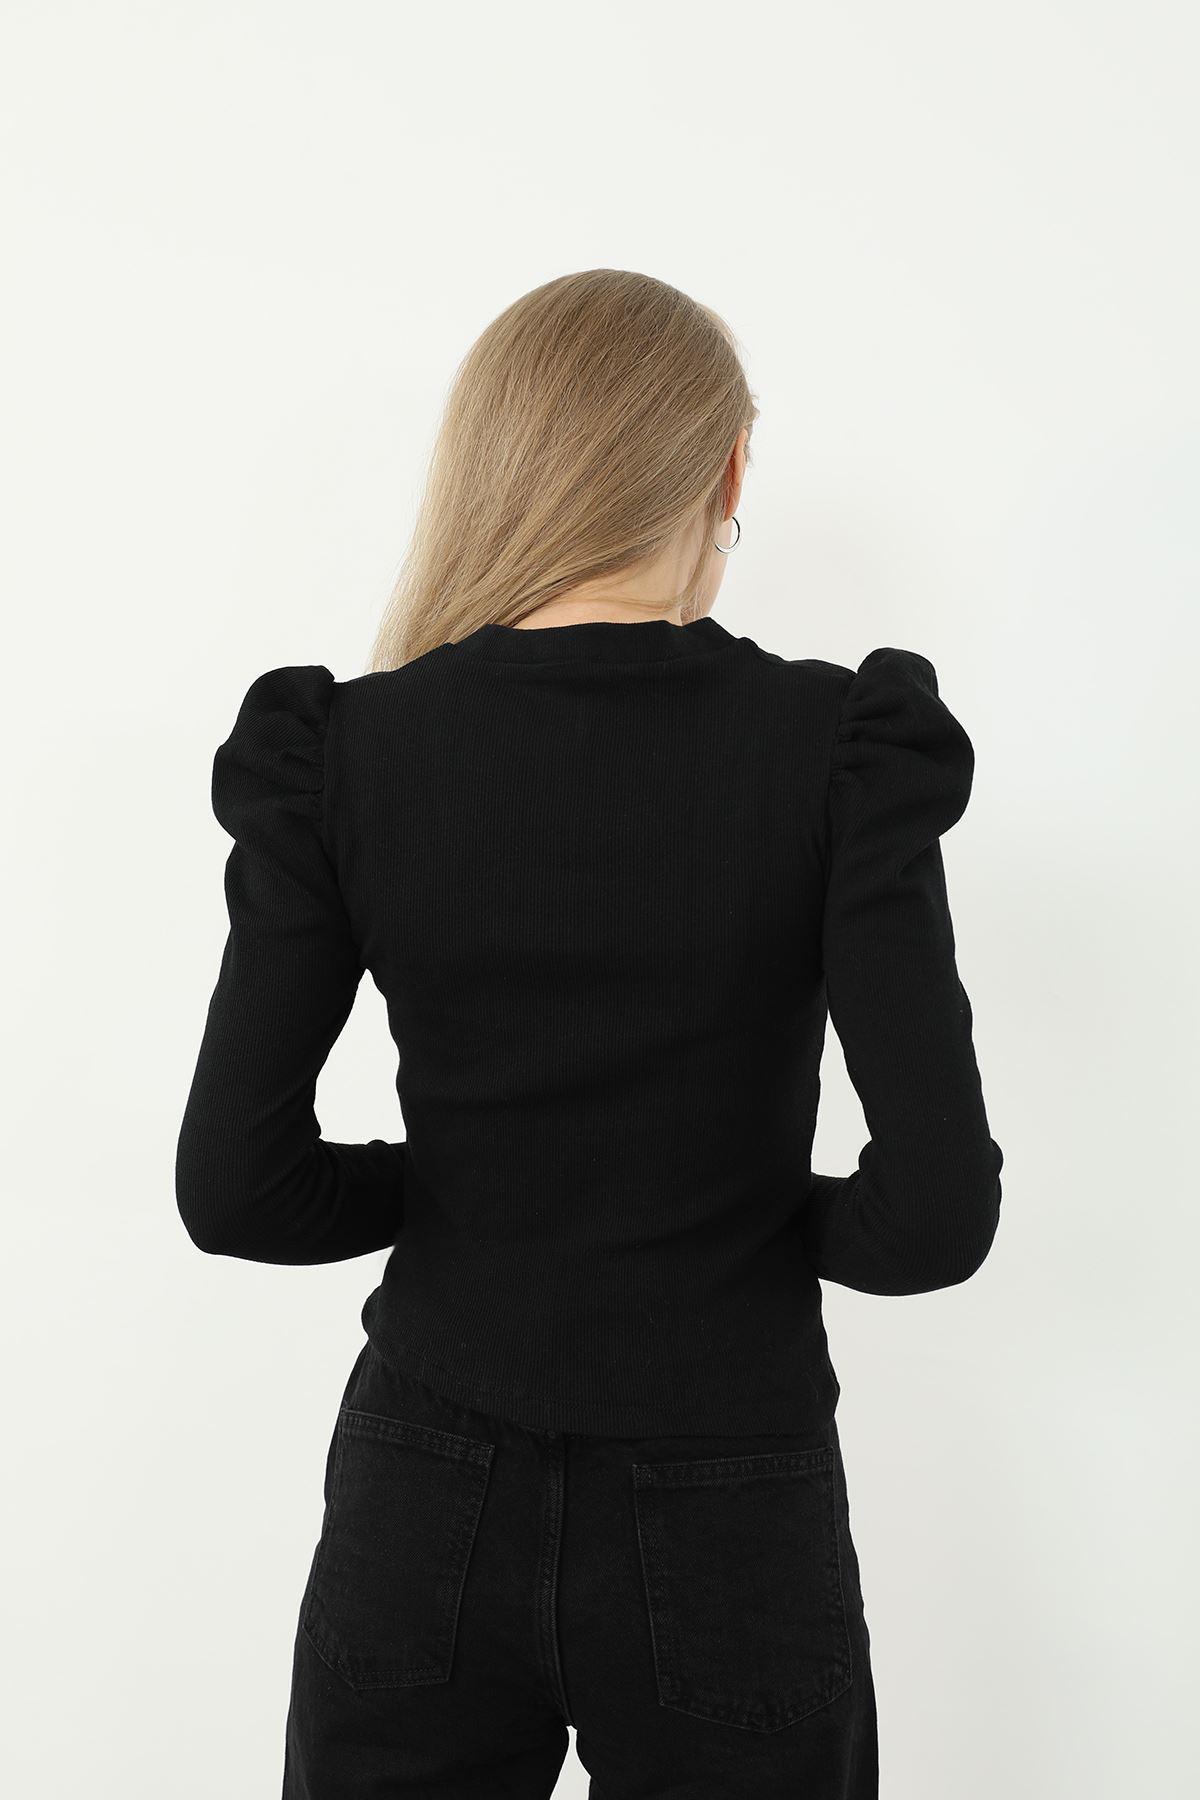 Dantel Detay Kaşkorse Bluz-Siyah